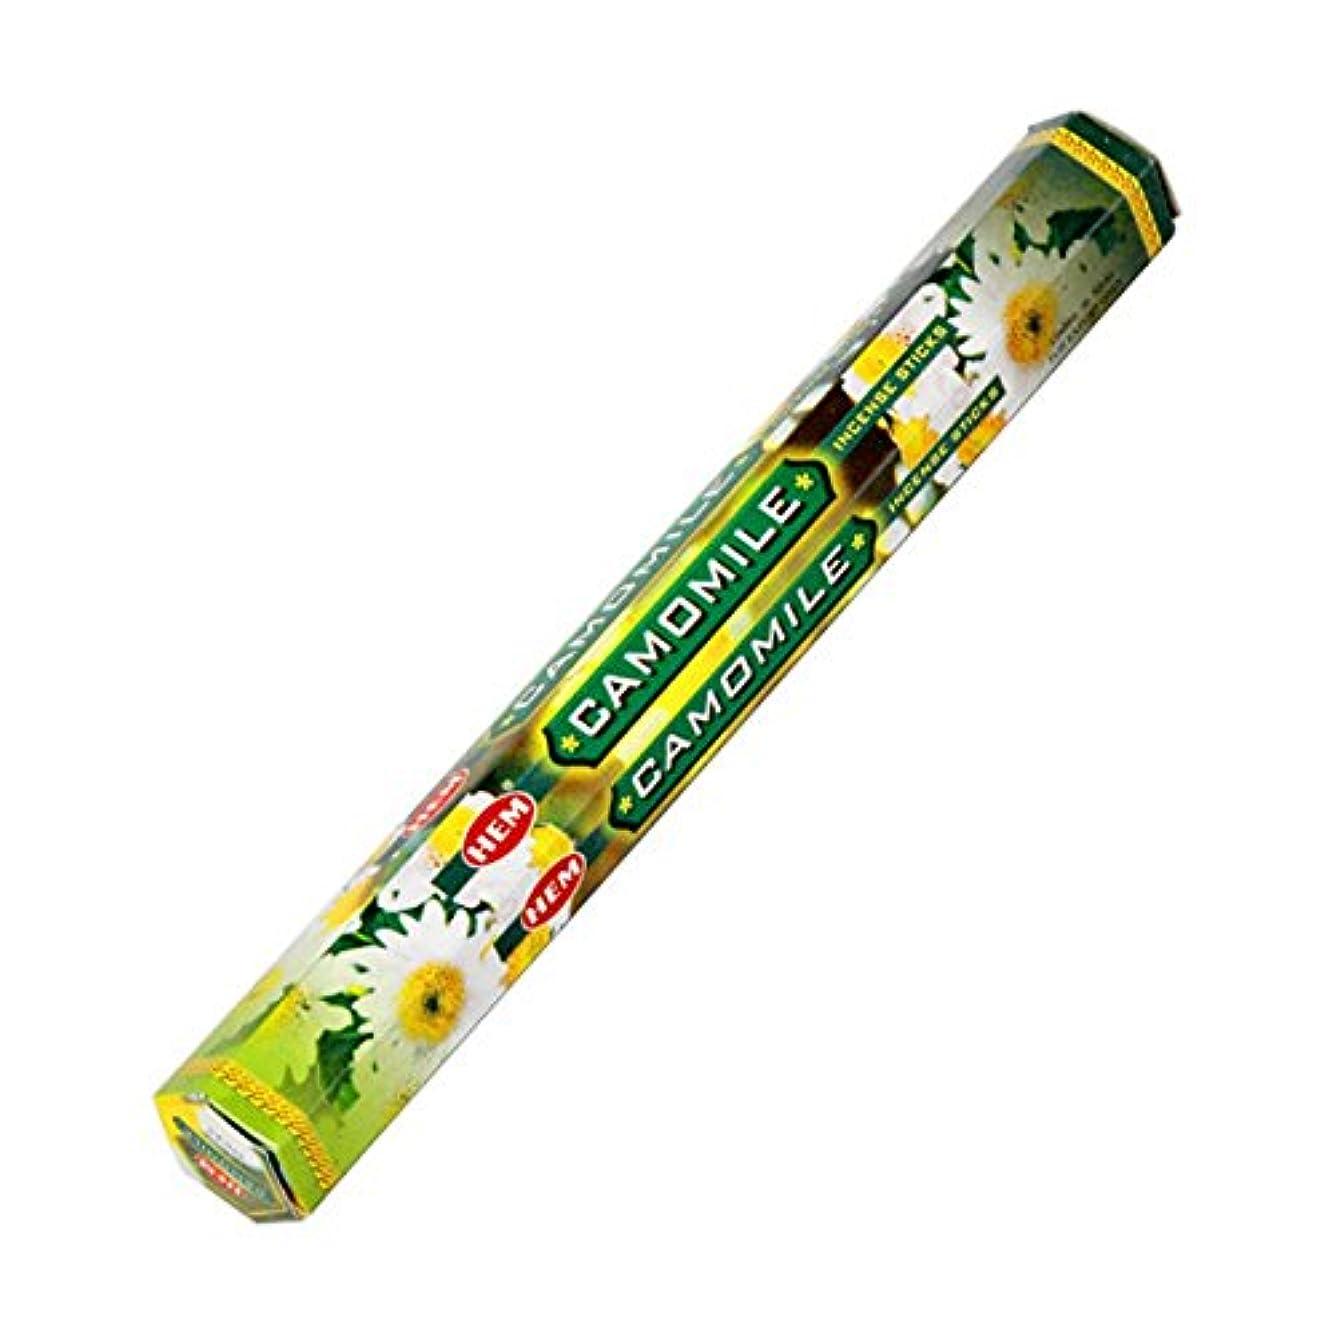 報酬の極めて霜HEM(ヘム) カモミール CAMOMILE スティックタイプ お香 1筒 単品 [並行輸入品]